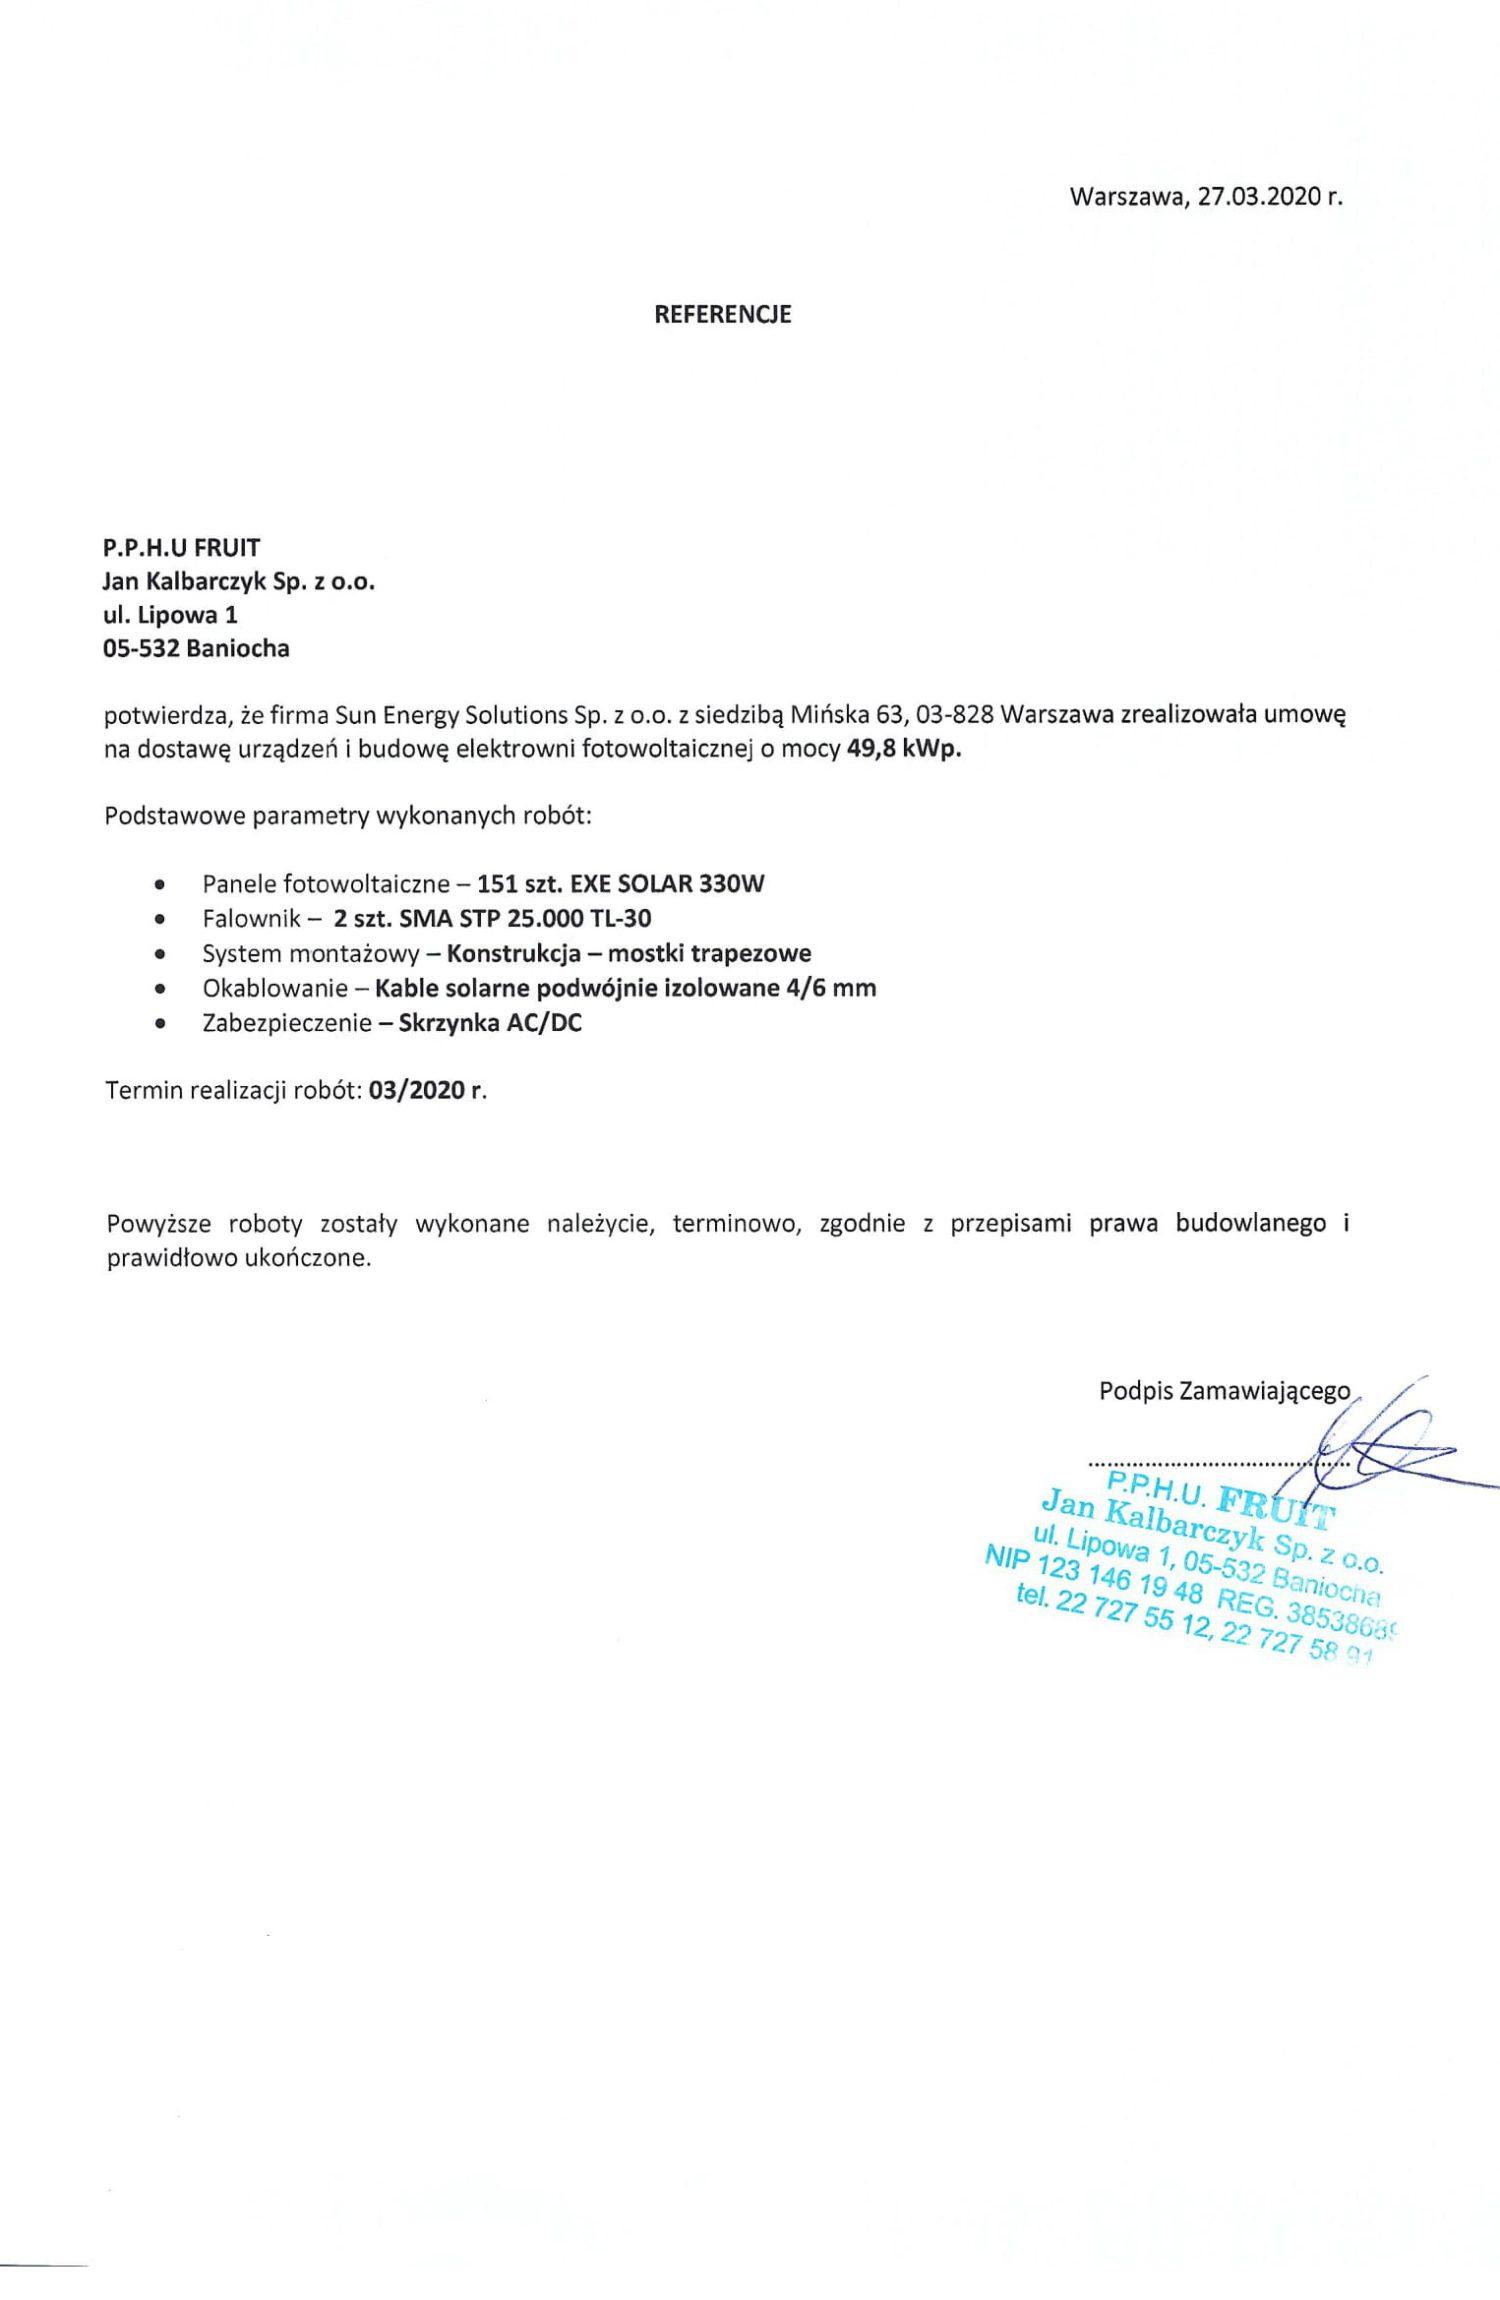 https://www.sunes.pl/wp-content/uploads/2020/11/Referencja-FRUIT-151-szt-paneli-slonecznych-1-1500x2300.jpg